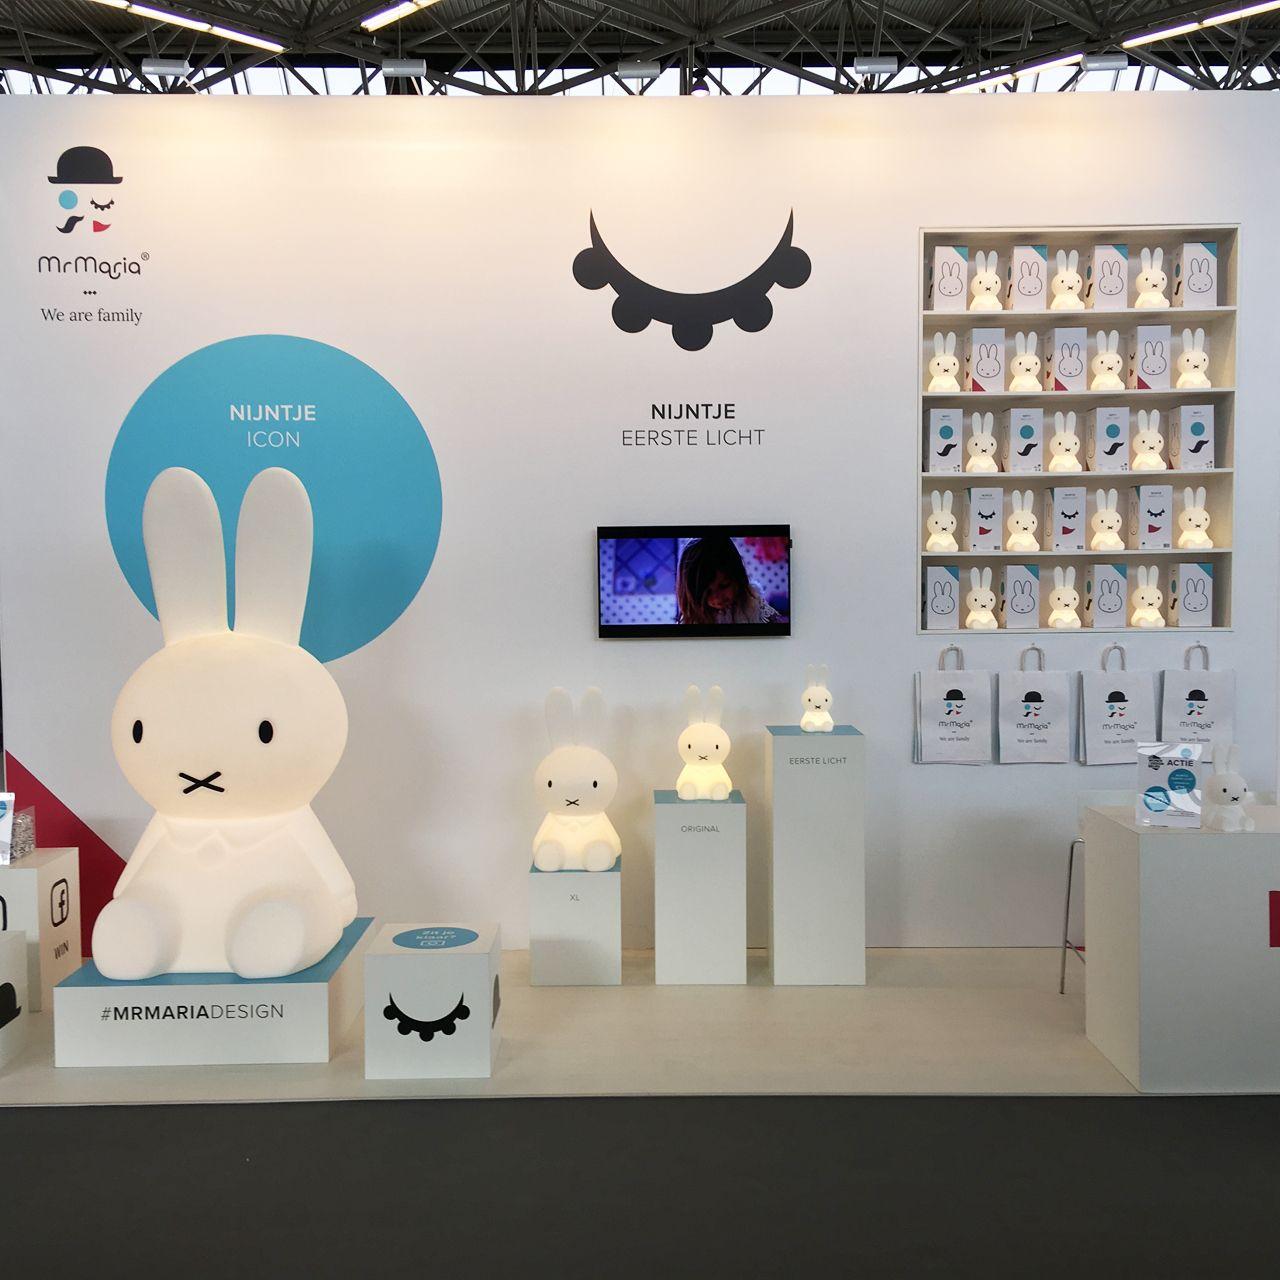 A look back at last week's Dutch design fair